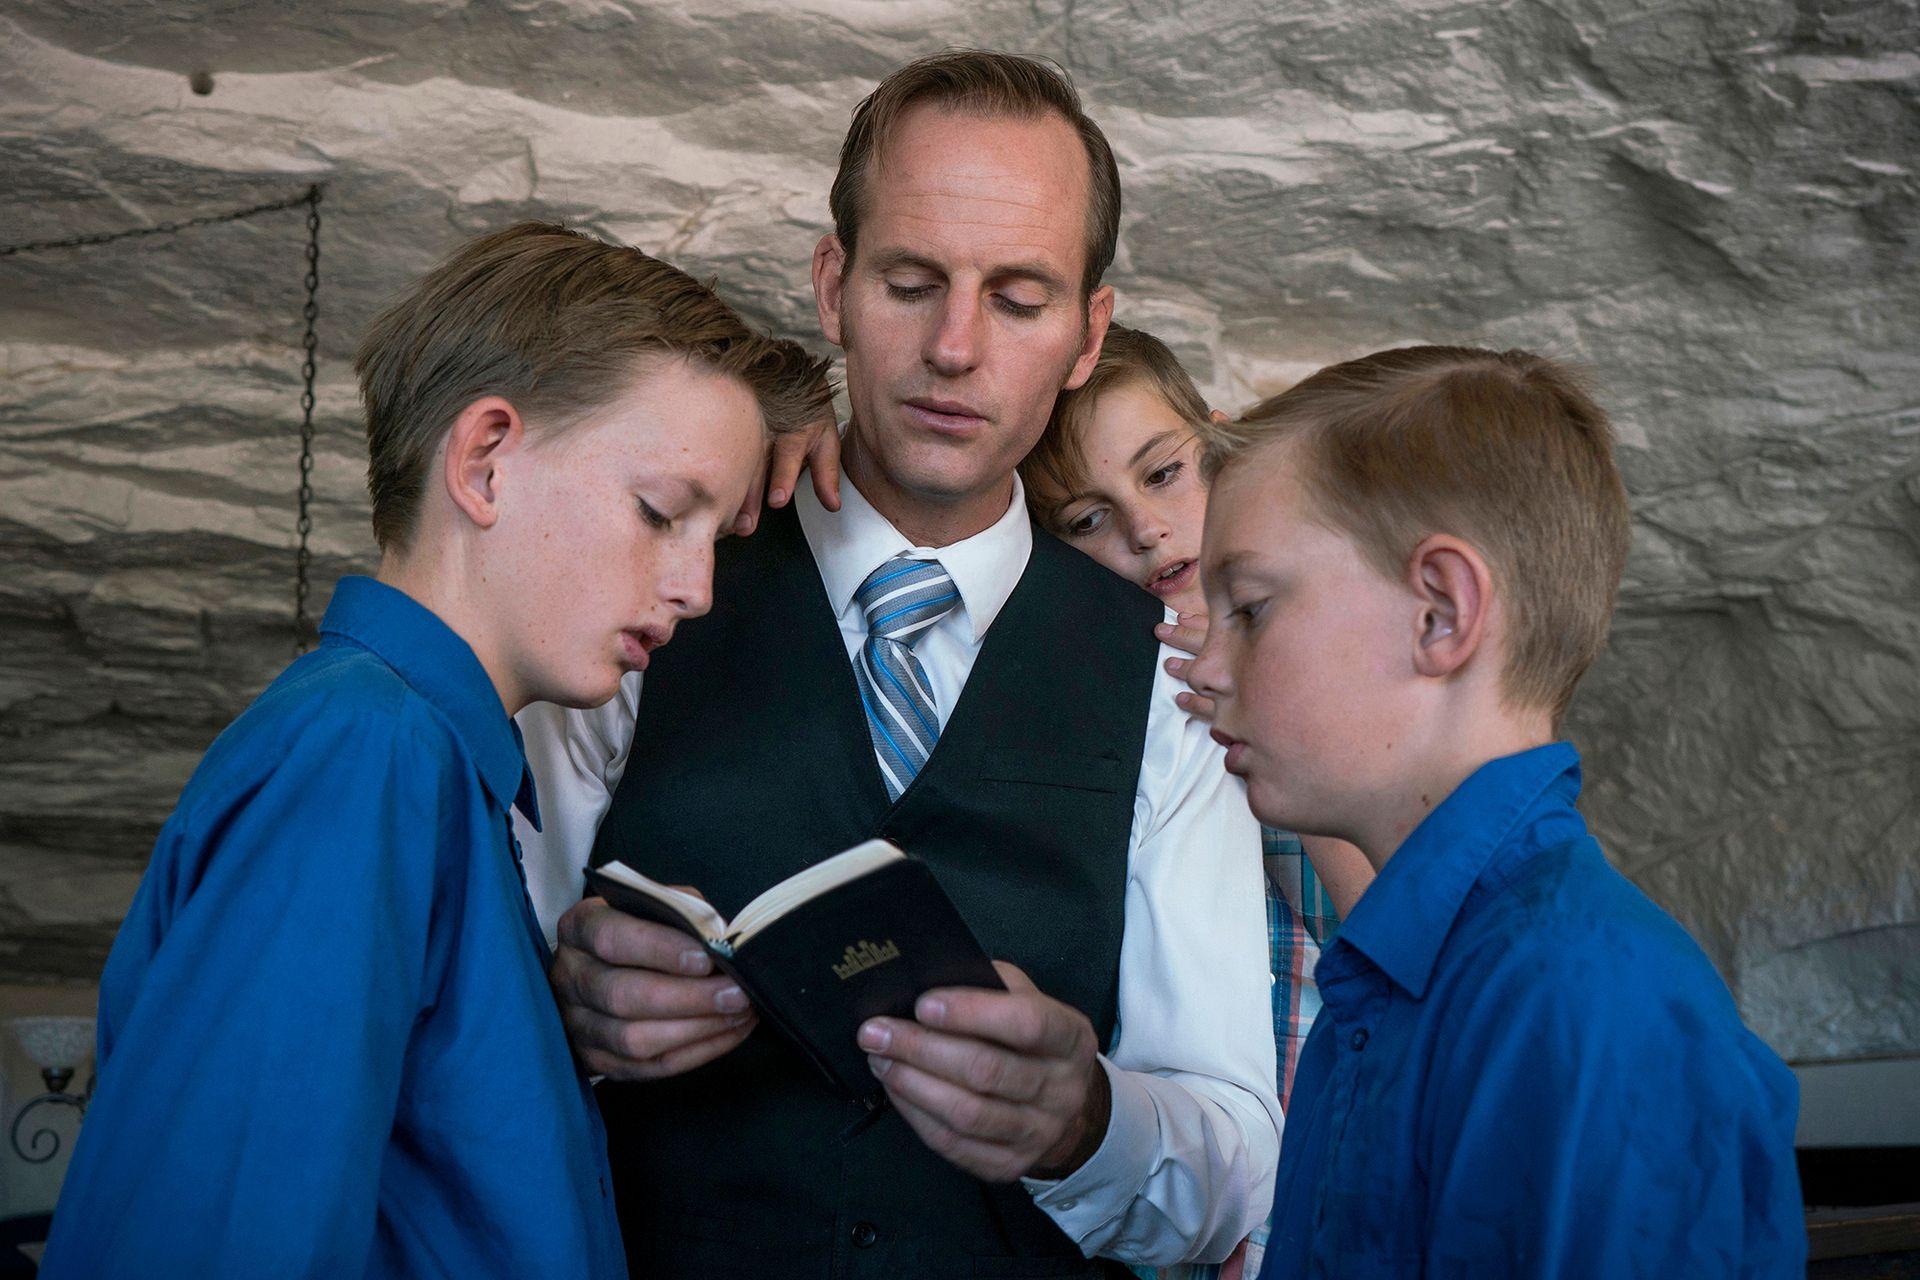 Enoch Foster y tres de sus hijos leen la Biblia mormona durante la iglesia dominical, que tiene lugar en una de las cuevas de la comunidad en Utah (2018)